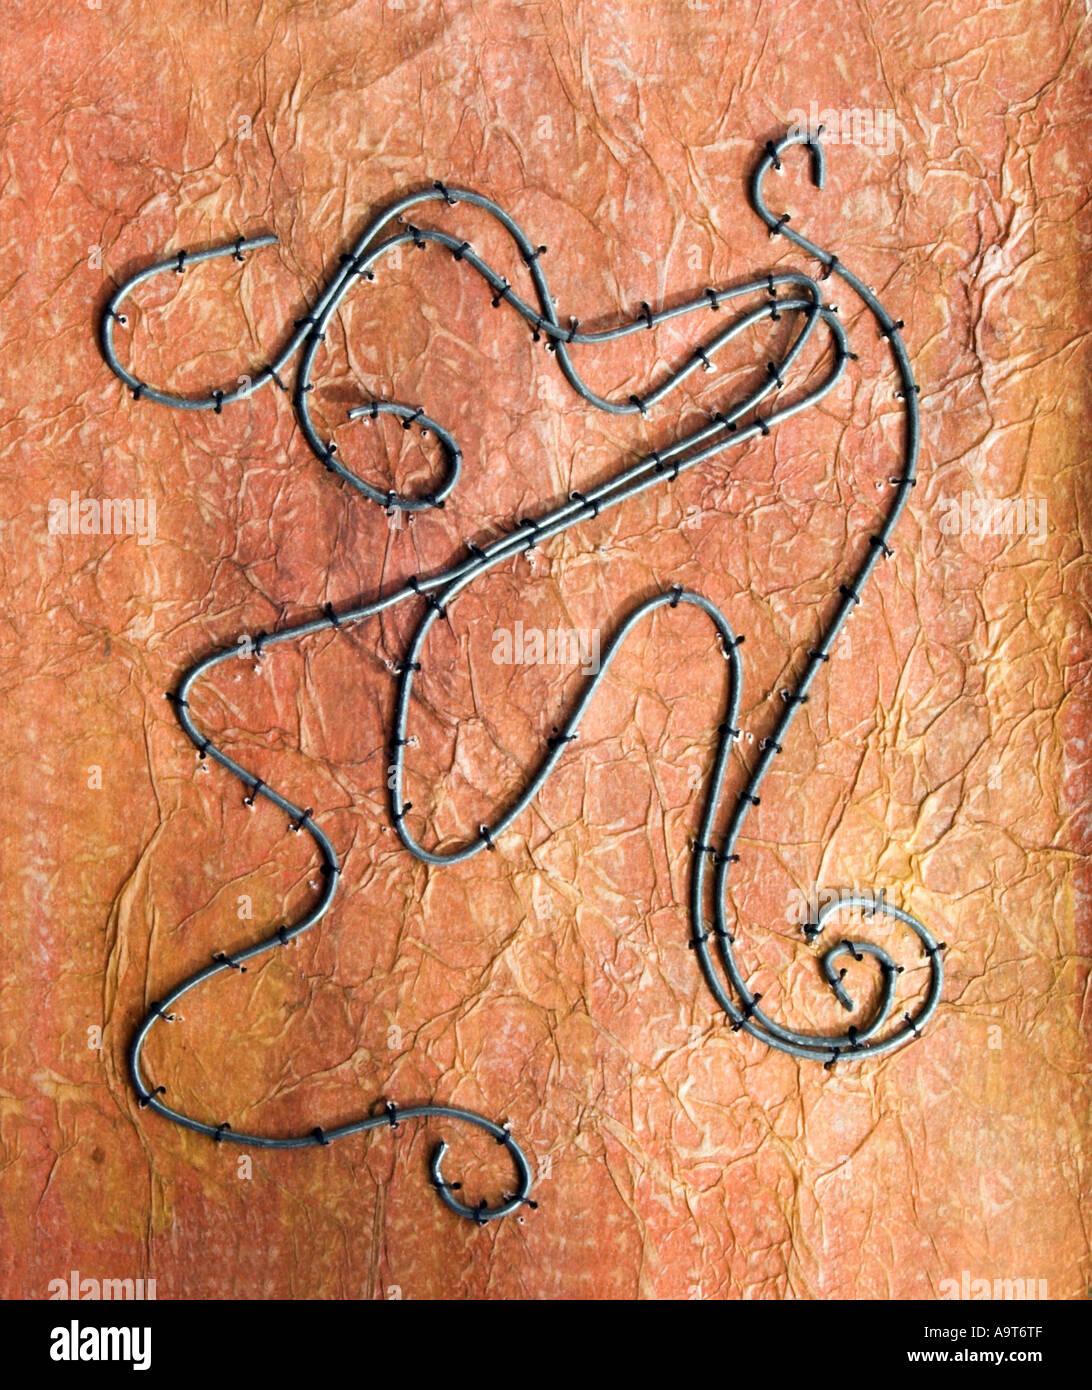 embroidery art needleowrk - Stock Image